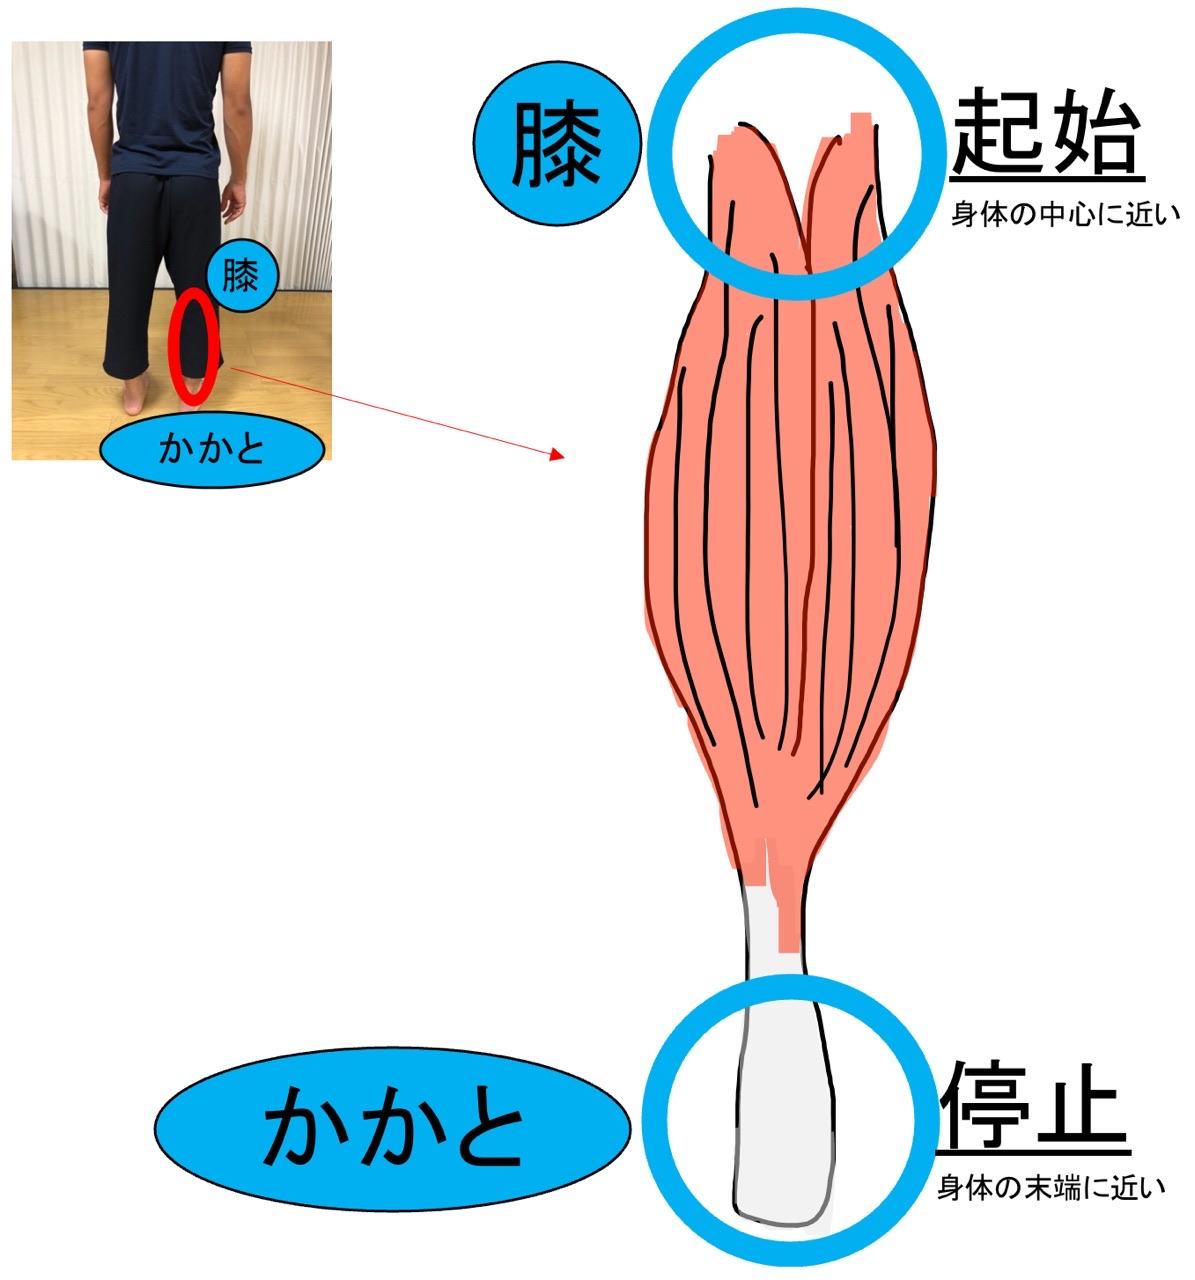 筋肉の起始と停止